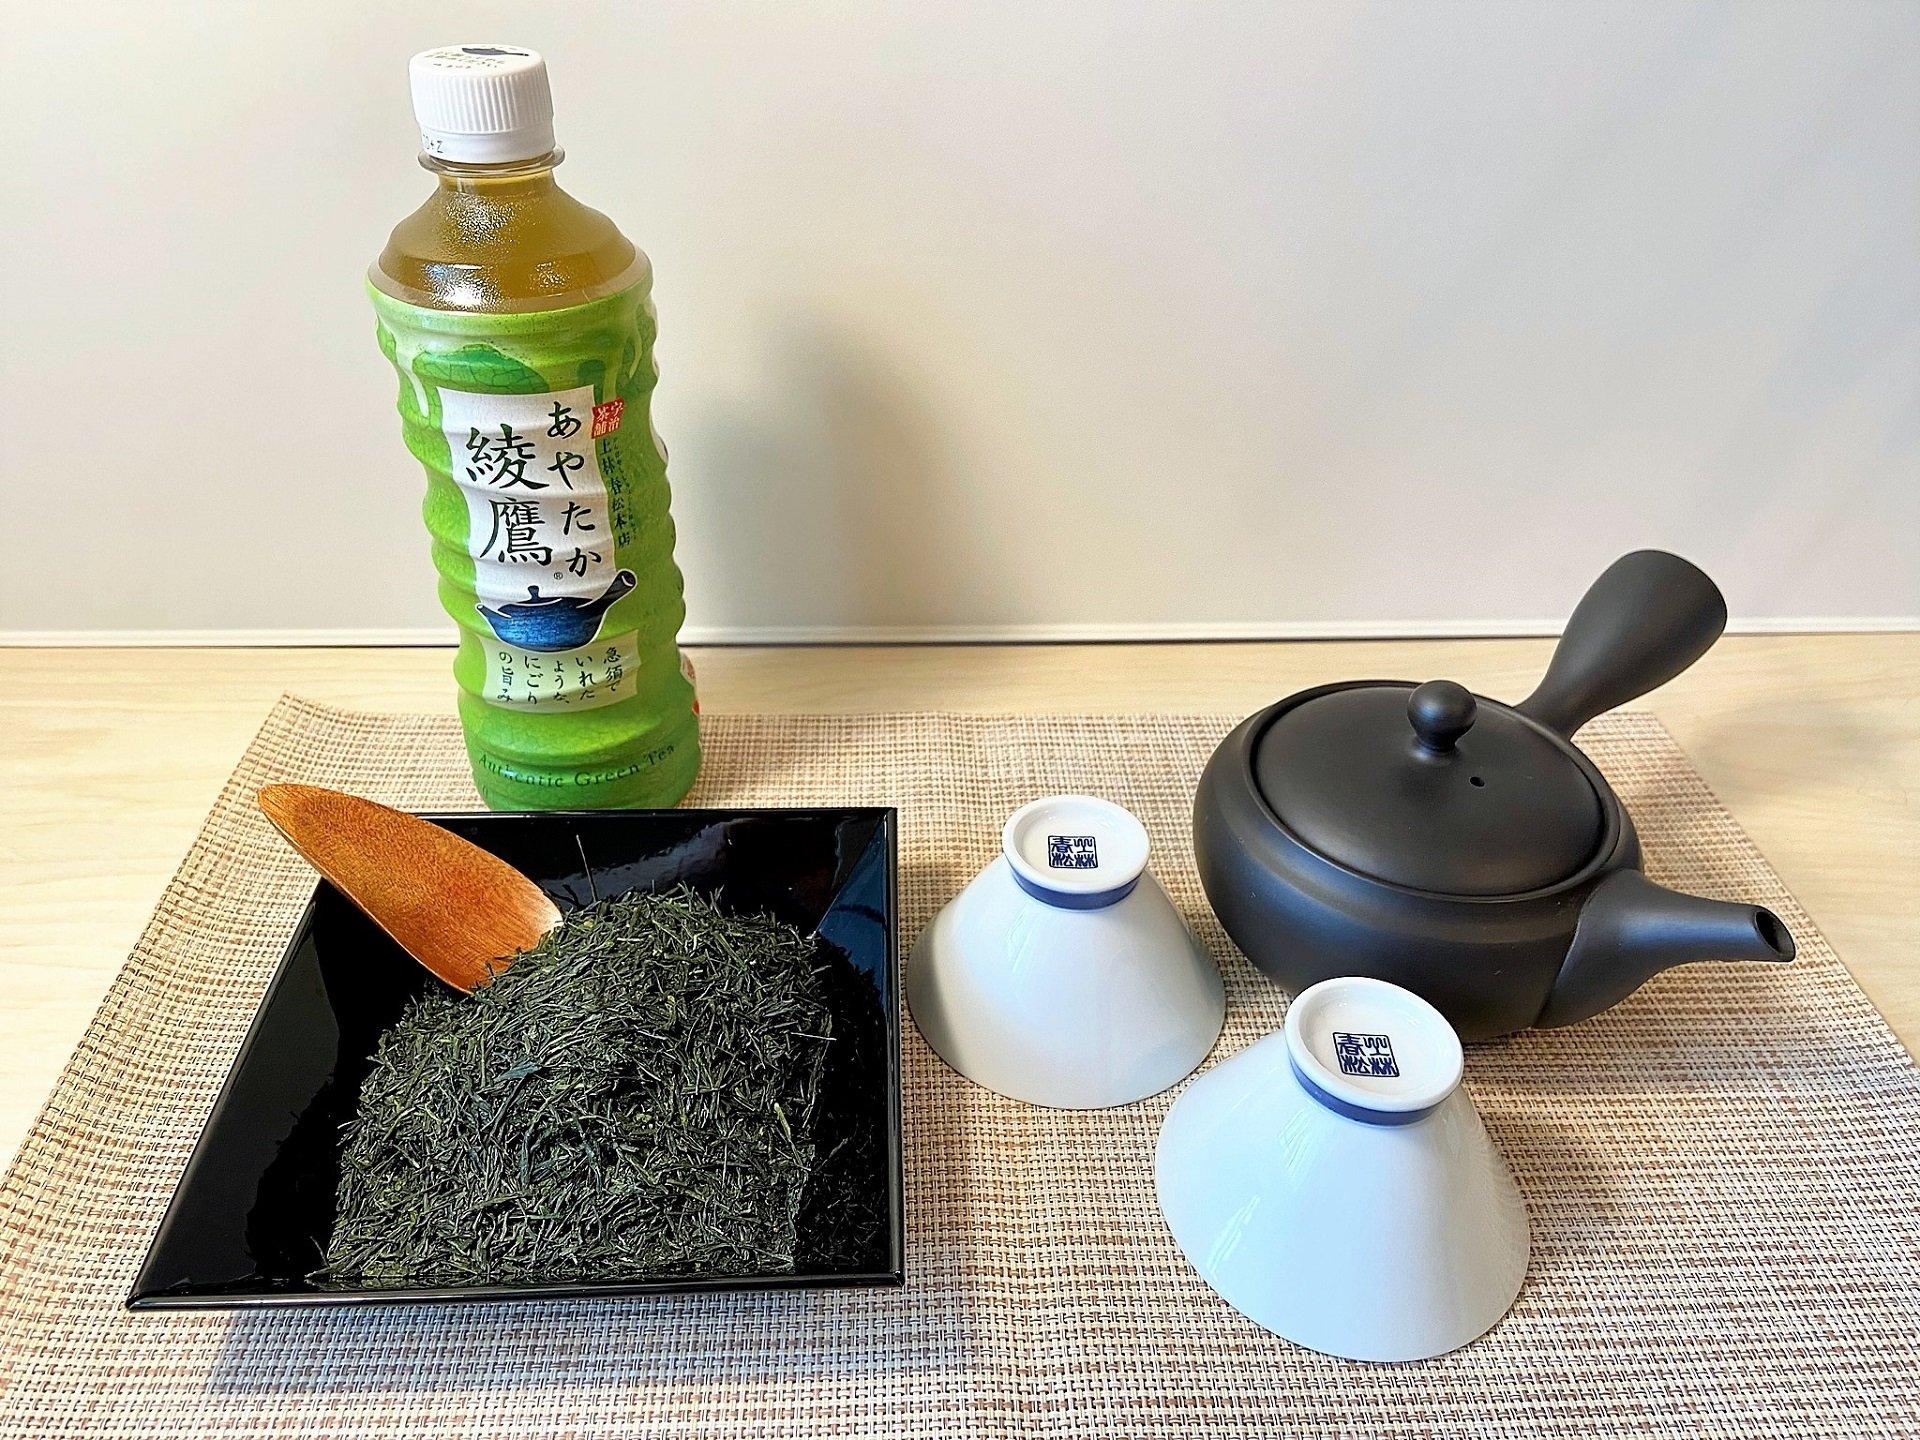 「綾鷹」開発協力・上林春松本店の代表が教える、おいしいお茶のいれ方